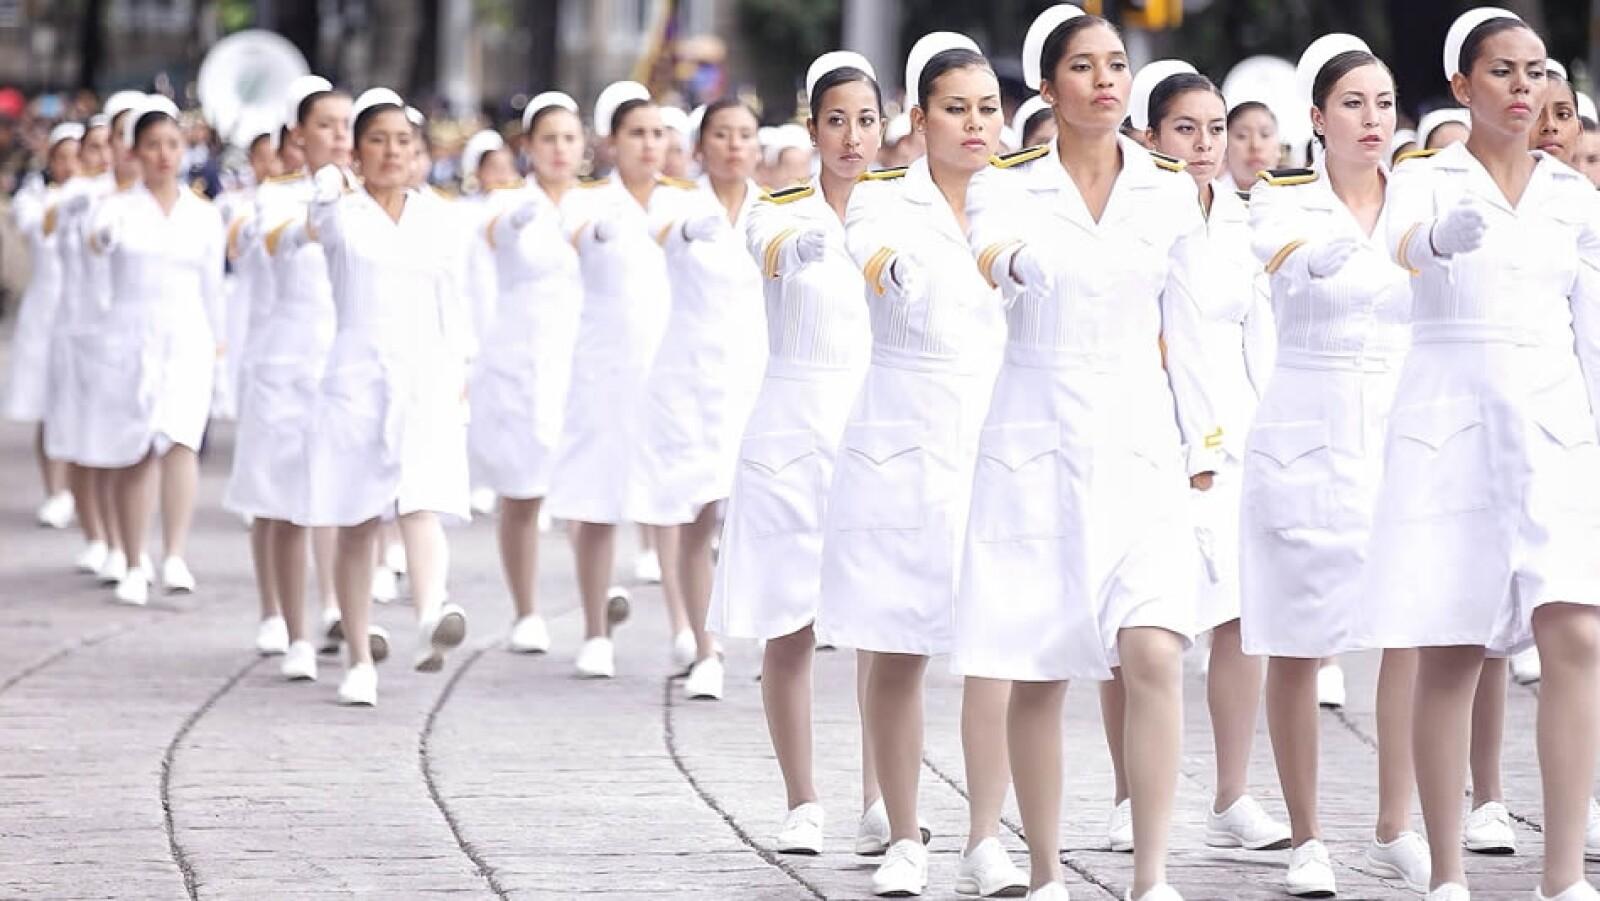 Enfermeras de las fuerzas armadas también hicieron acto de presencia en el desfile